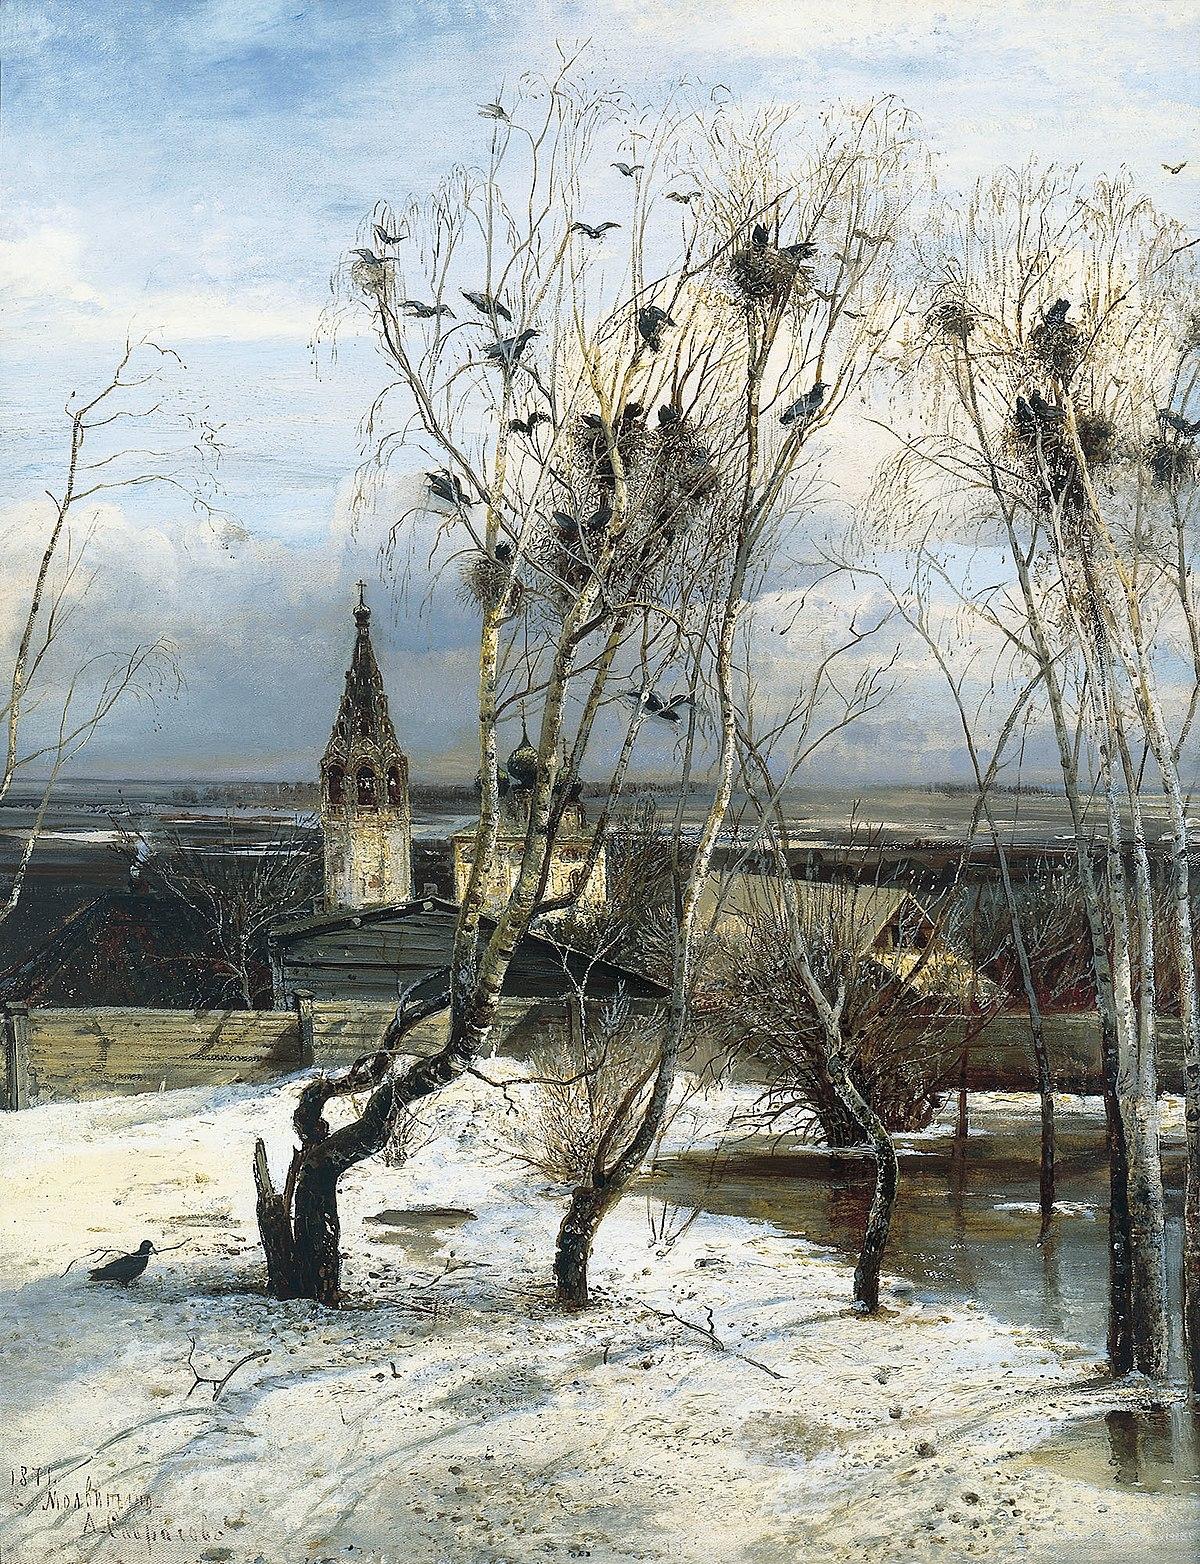 Доклад русские художники пейзажисты 7969